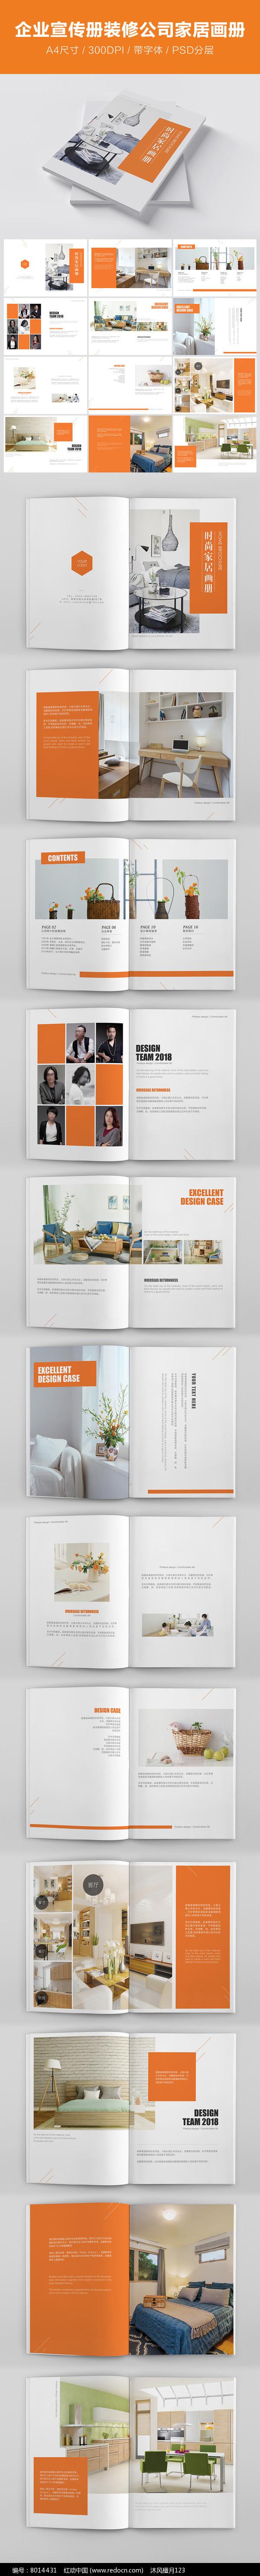 企业宣传画册橙色系家居画册设计模板